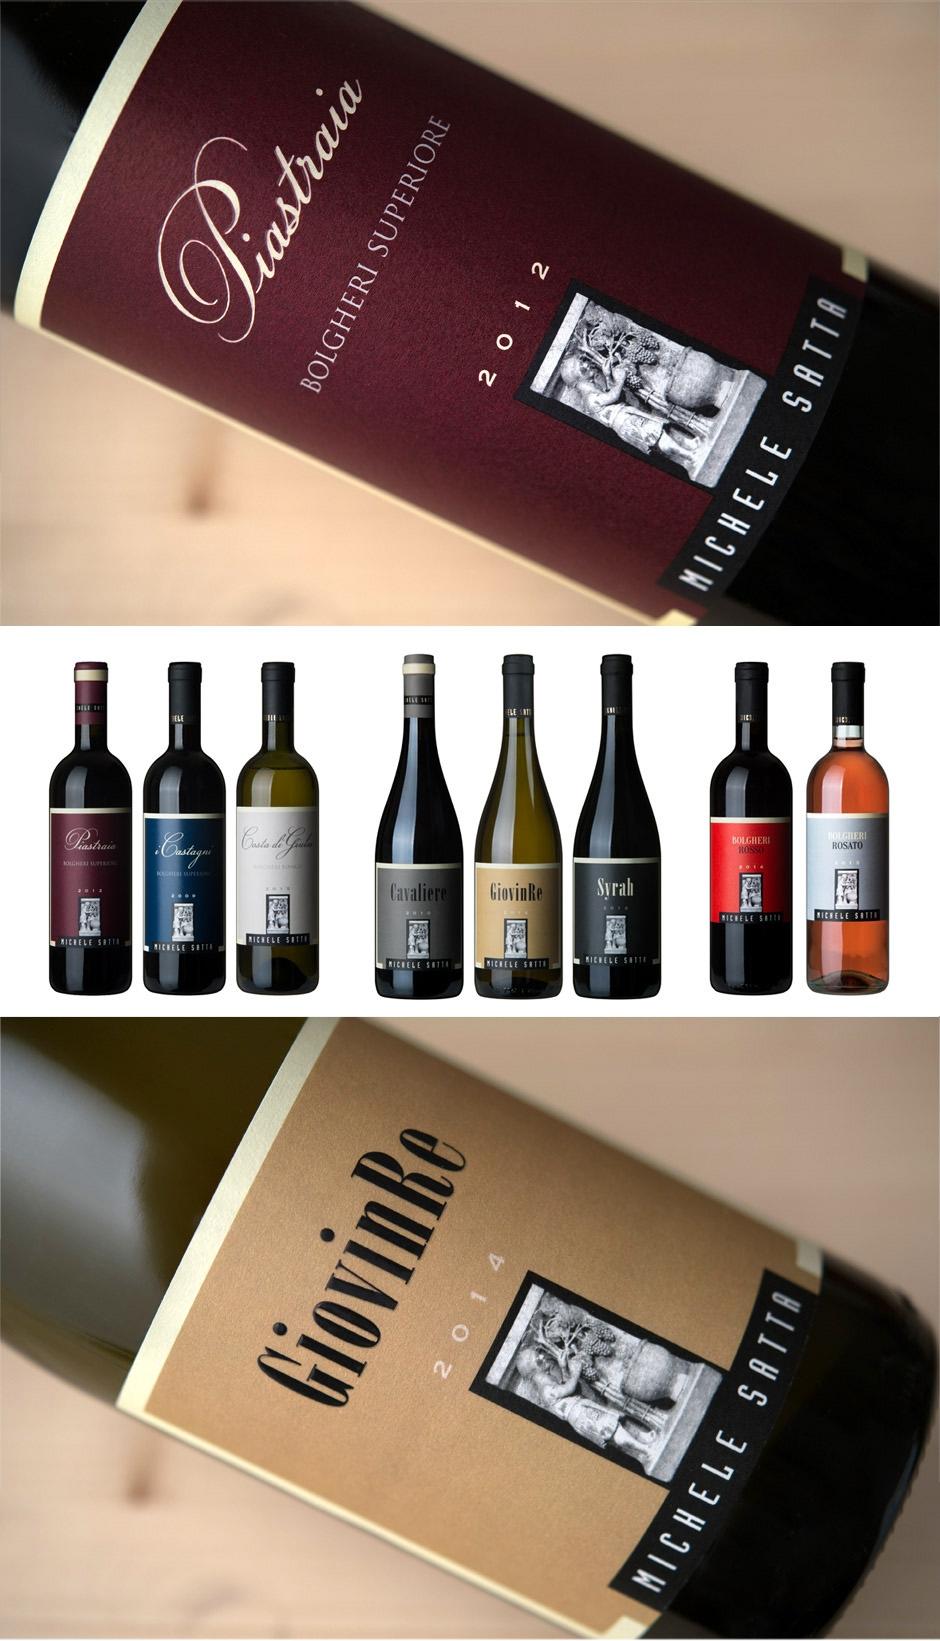 Michele Satta: la storia del vino di Bolgheri. Il restyling delle etichette.